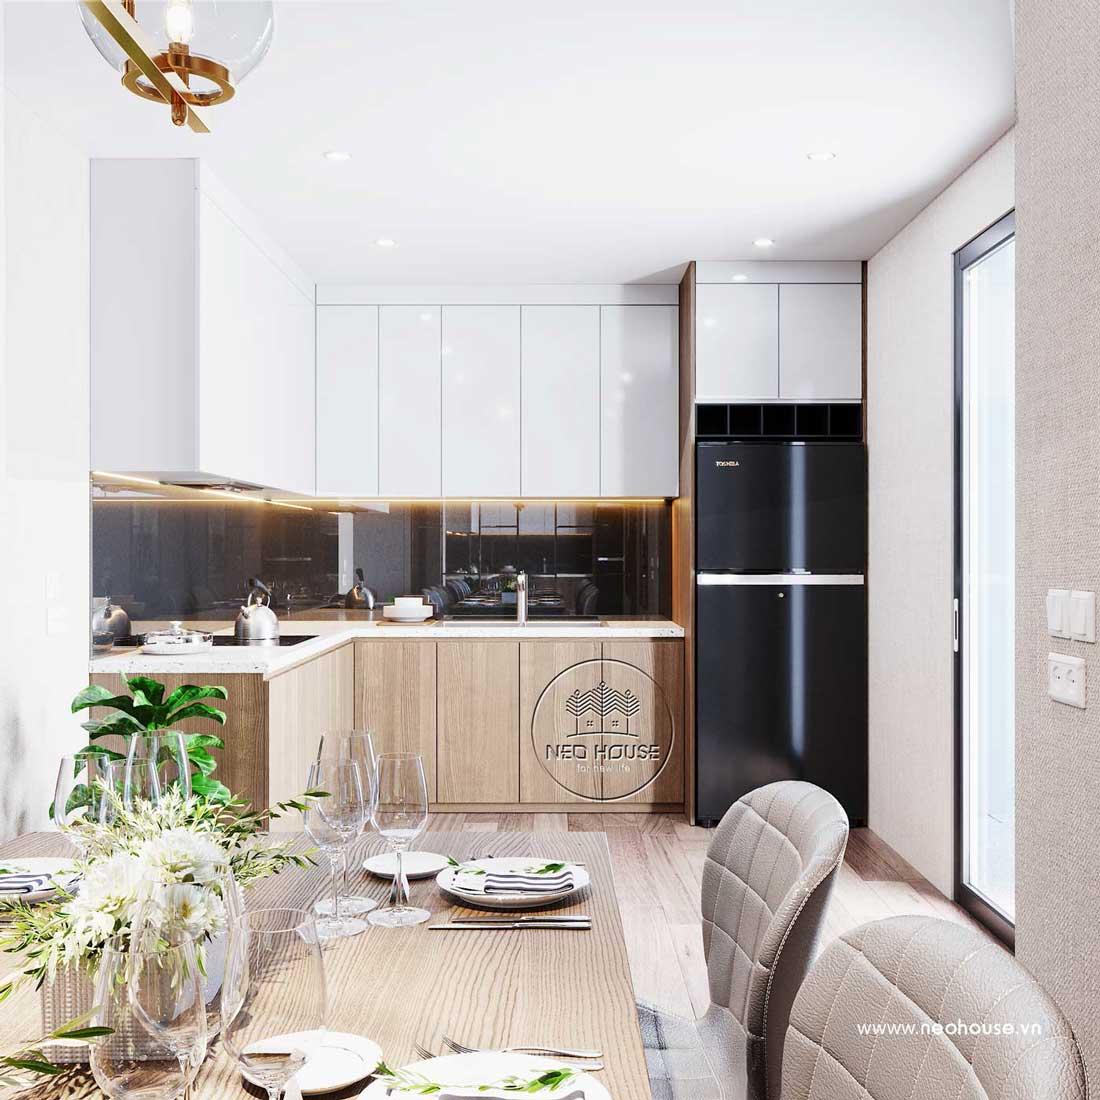 Thiết kế nhà bếp đẹp 3